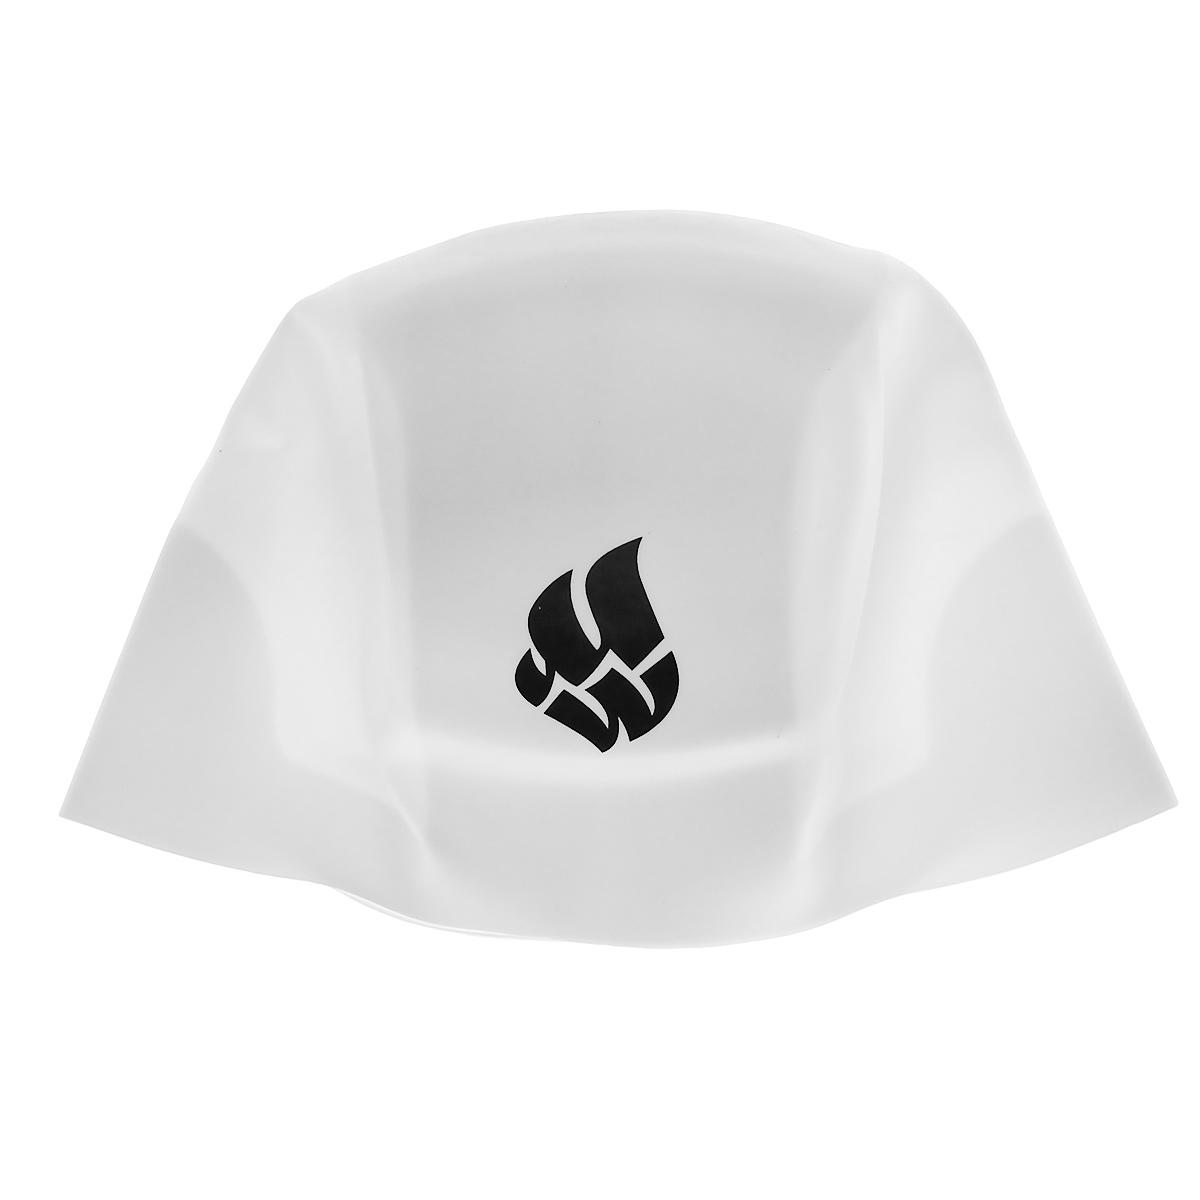 Шапочка для плавания Mad Wave R-Cap Fina Approved L, цвет: белый шапочка для плавания mad wave reverse champion цвет розовый фиолетовый